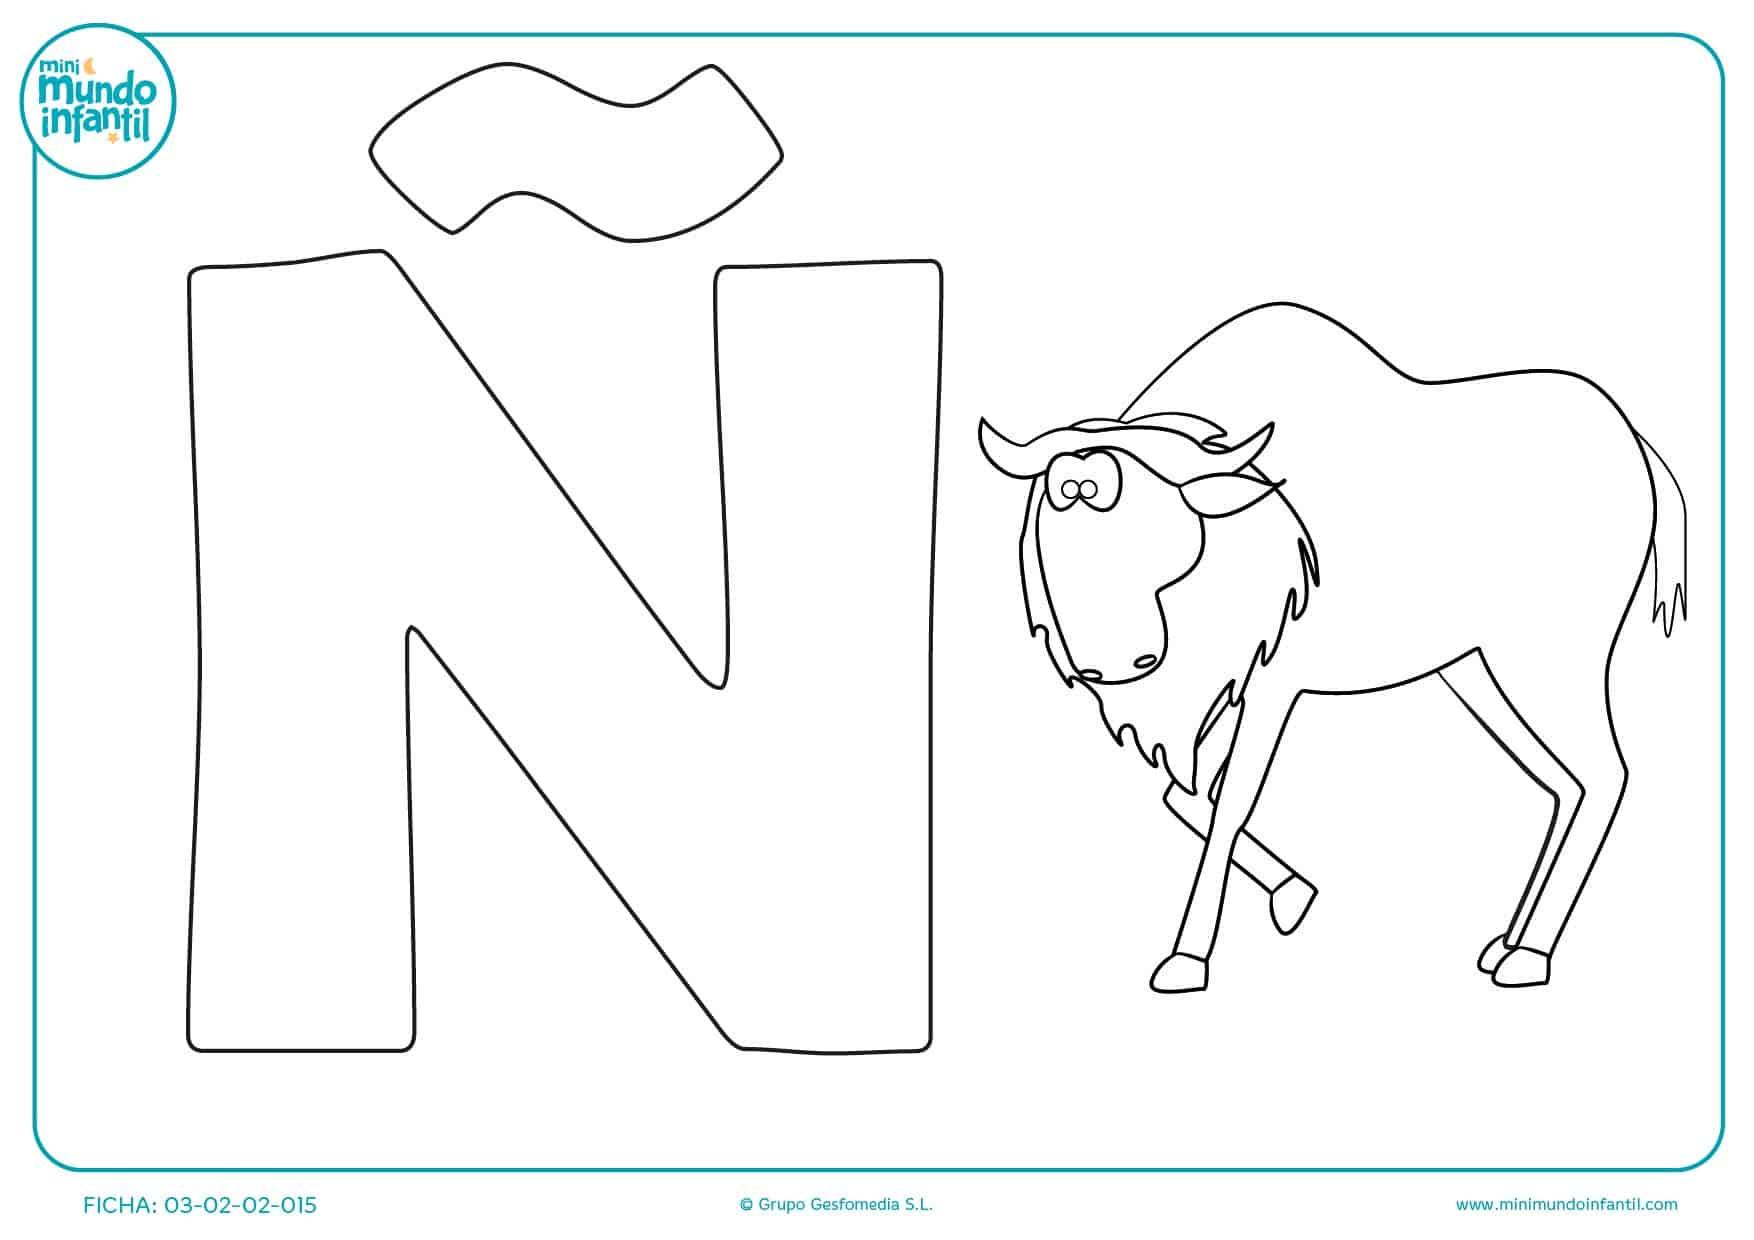 Dibujar y pintar la letra Ñ